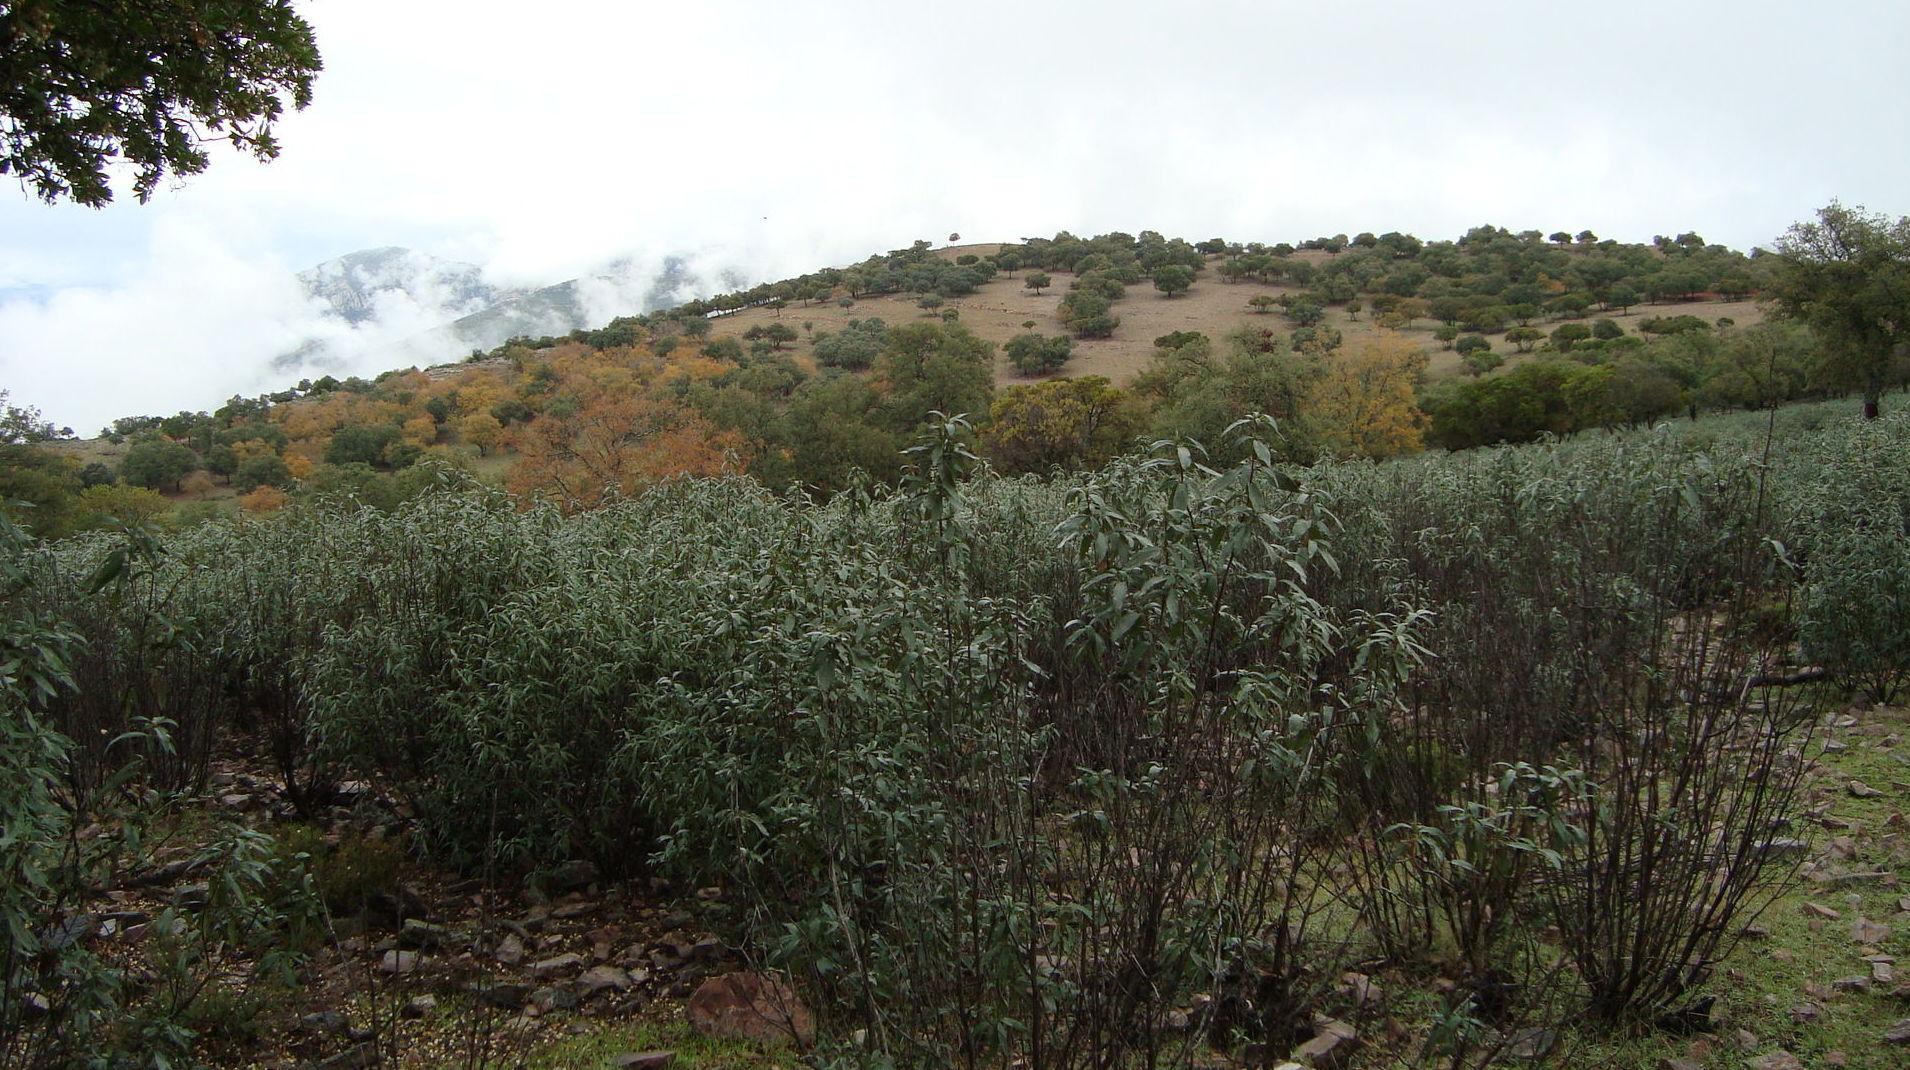 Monte mediterráneo